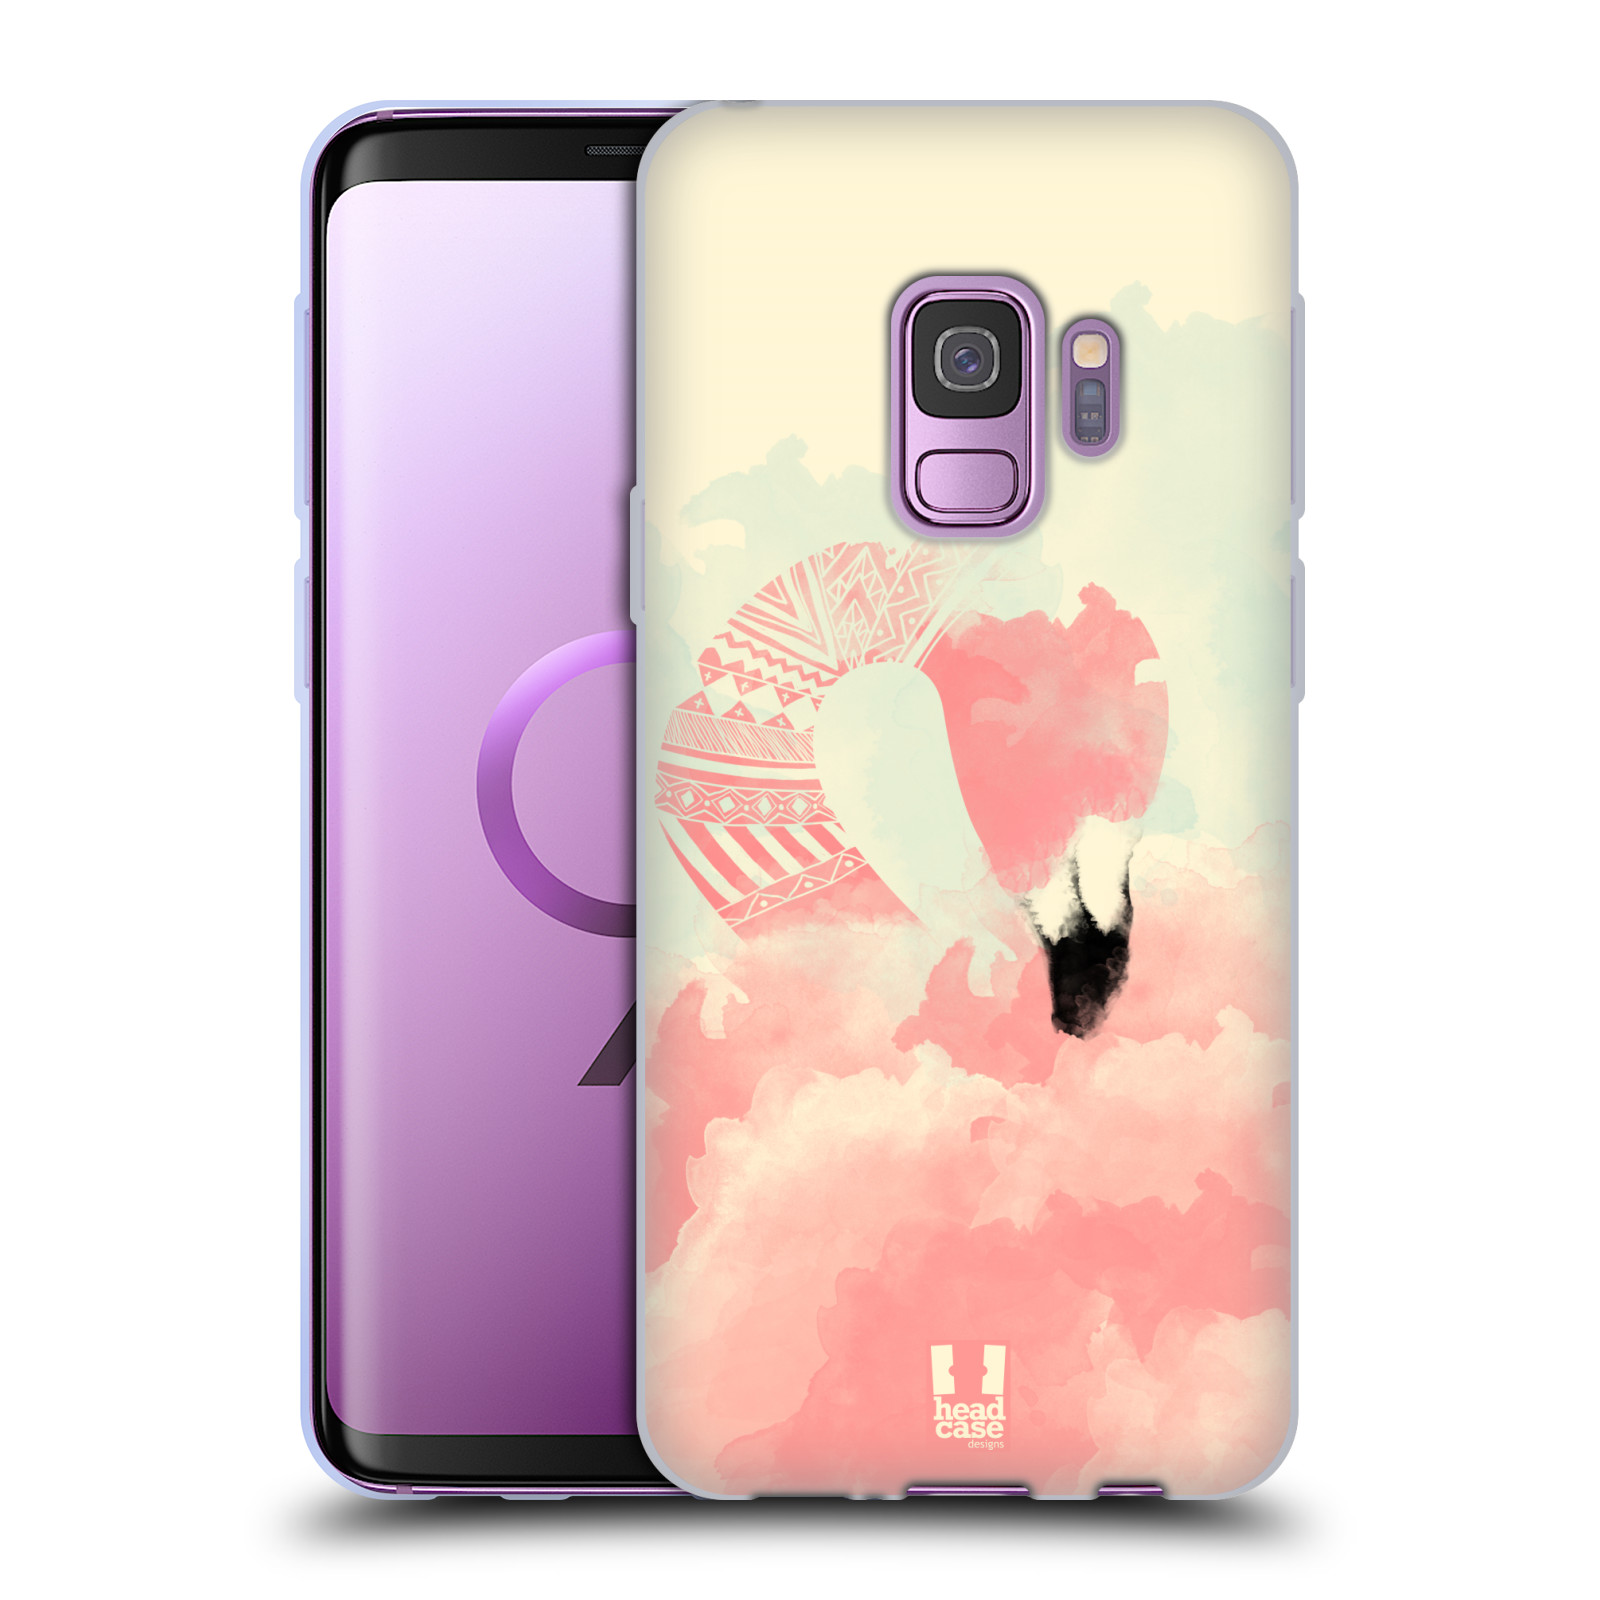 Funda-HEAD-CASE-DESIGNS-CON-FAB-Flamingo-Gel-Suave-Para-Telefonos-Samsung-1